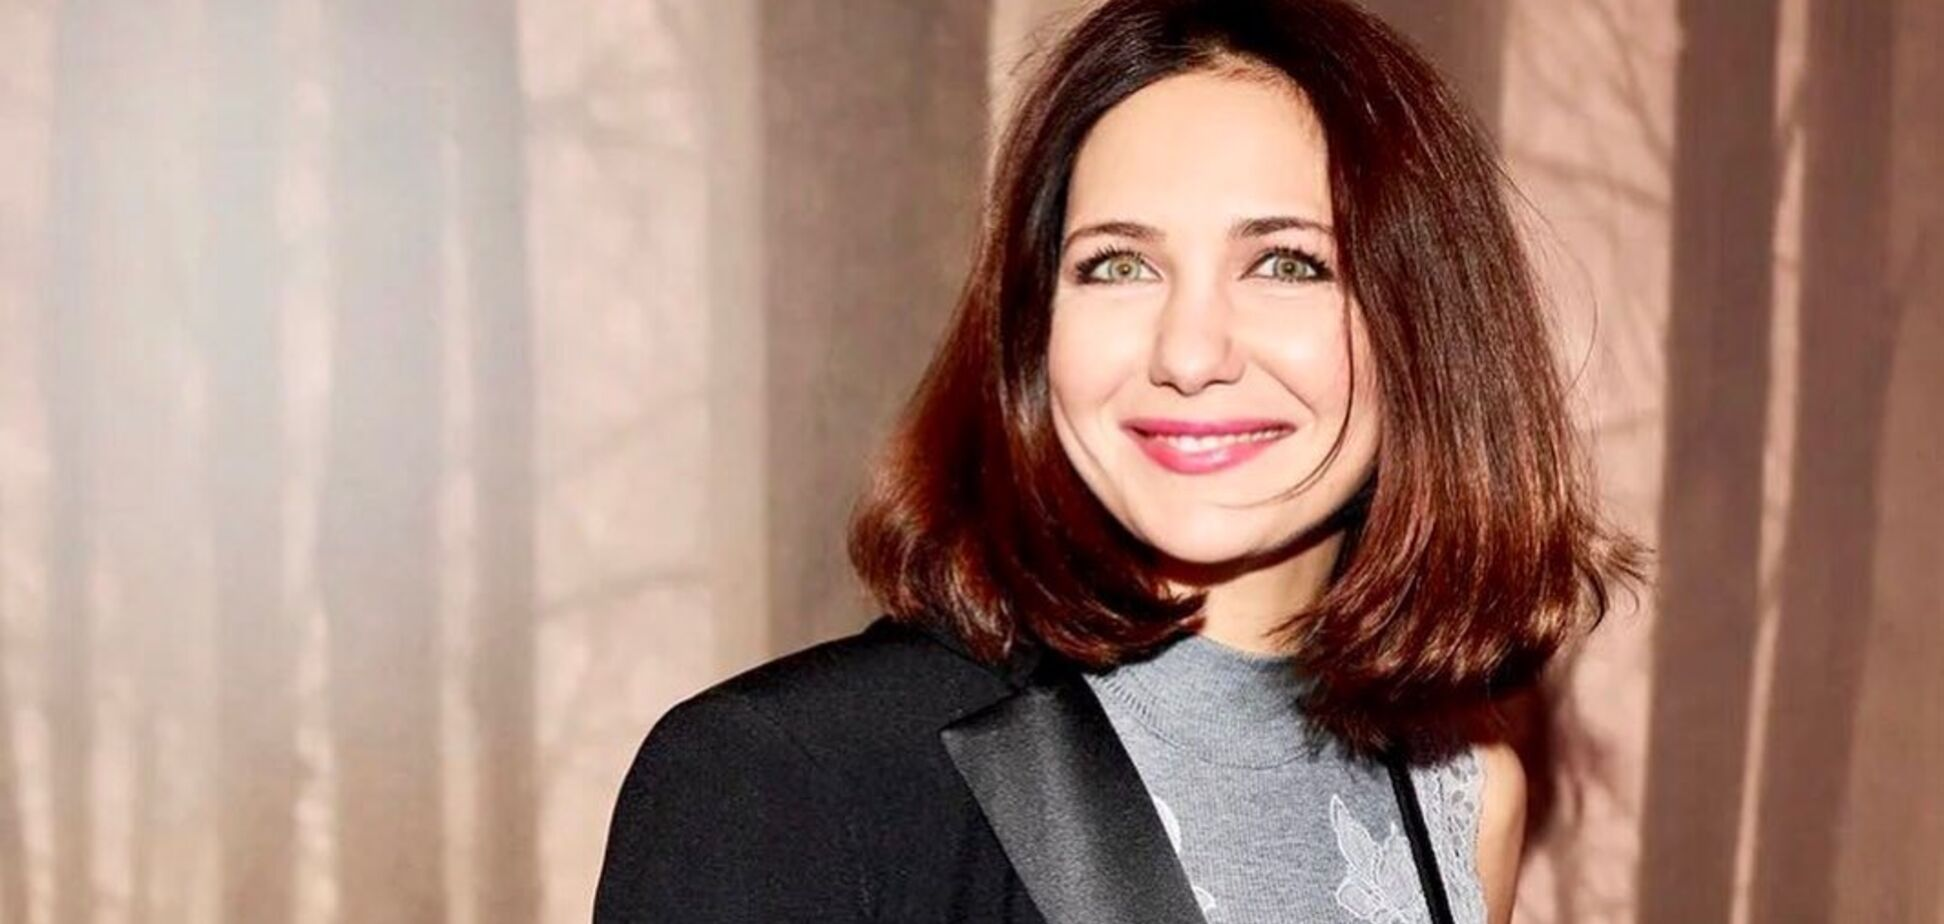 42-річна Климова розбурхала фото в мокрому топі й мініспідниці